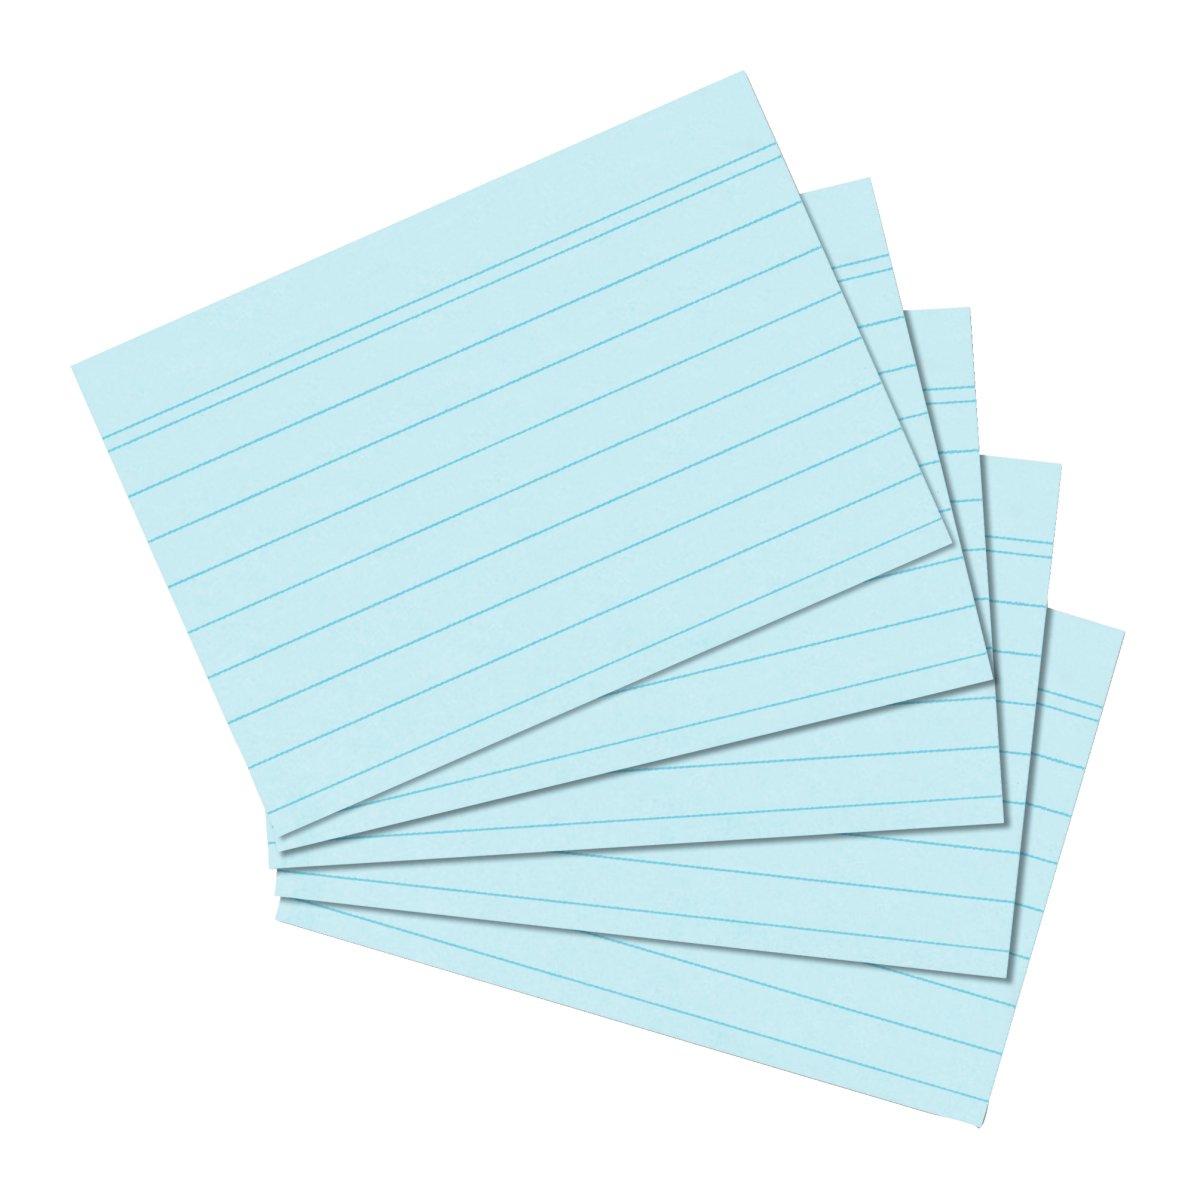 Herlitz 10836203 - Blau - 100 Blätter - 1 Stück(e)